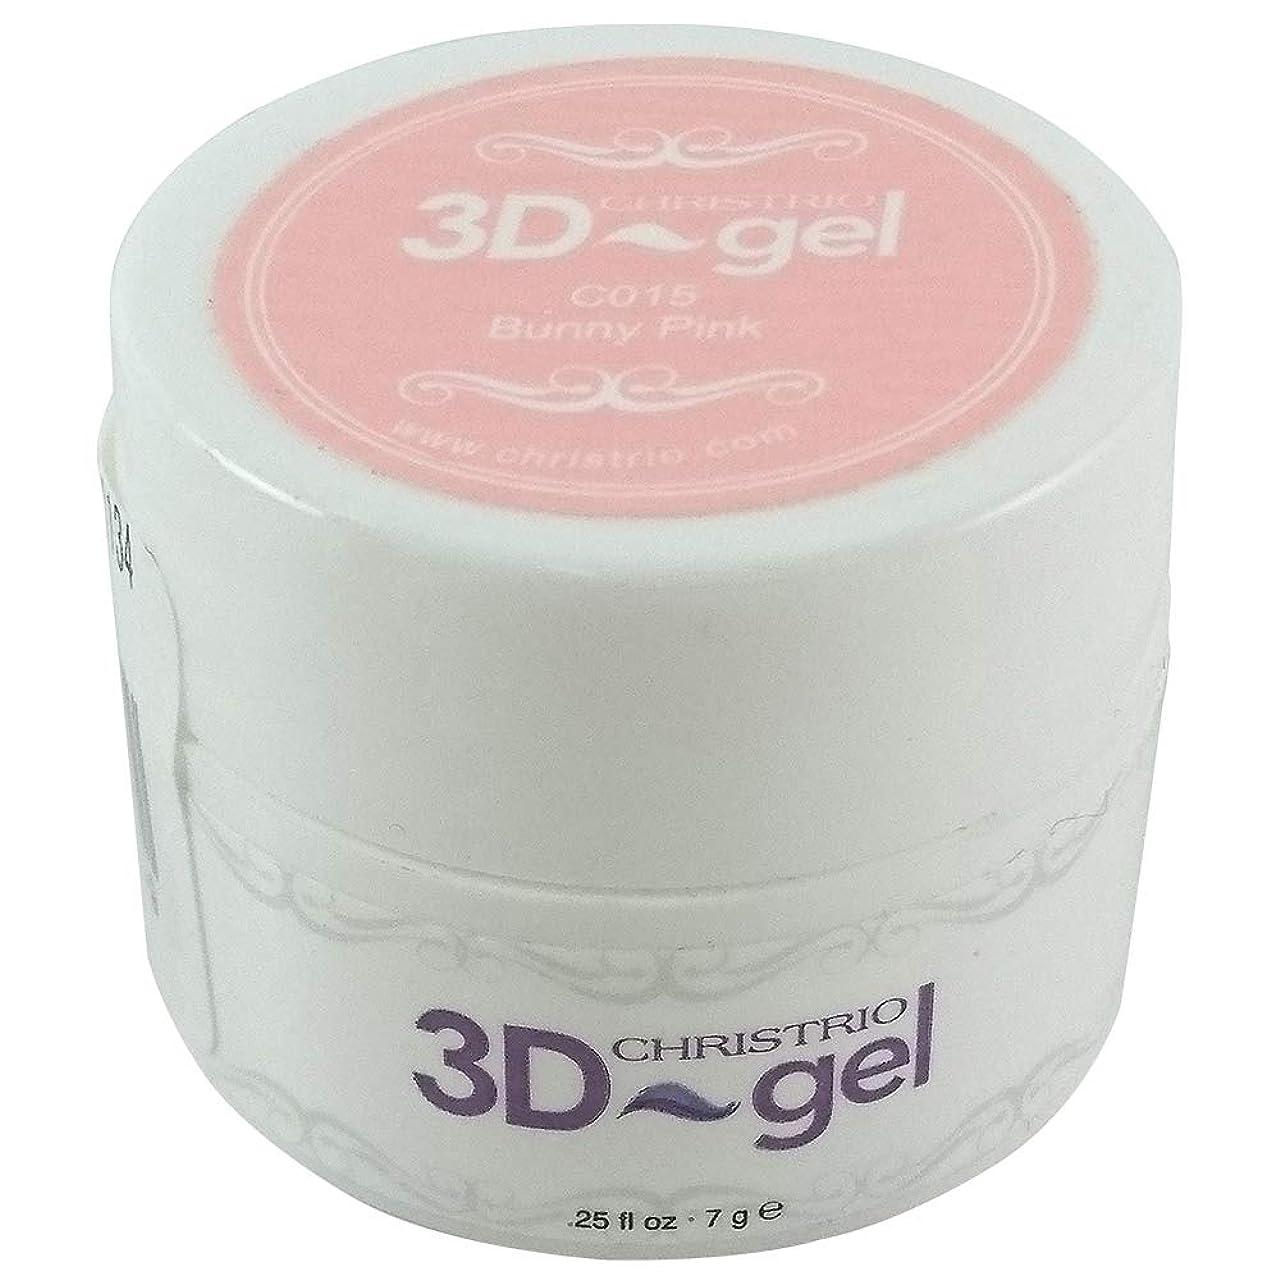 男住む理容師CHRISTRIO 3Dジェル 7g C015 バニーピンク